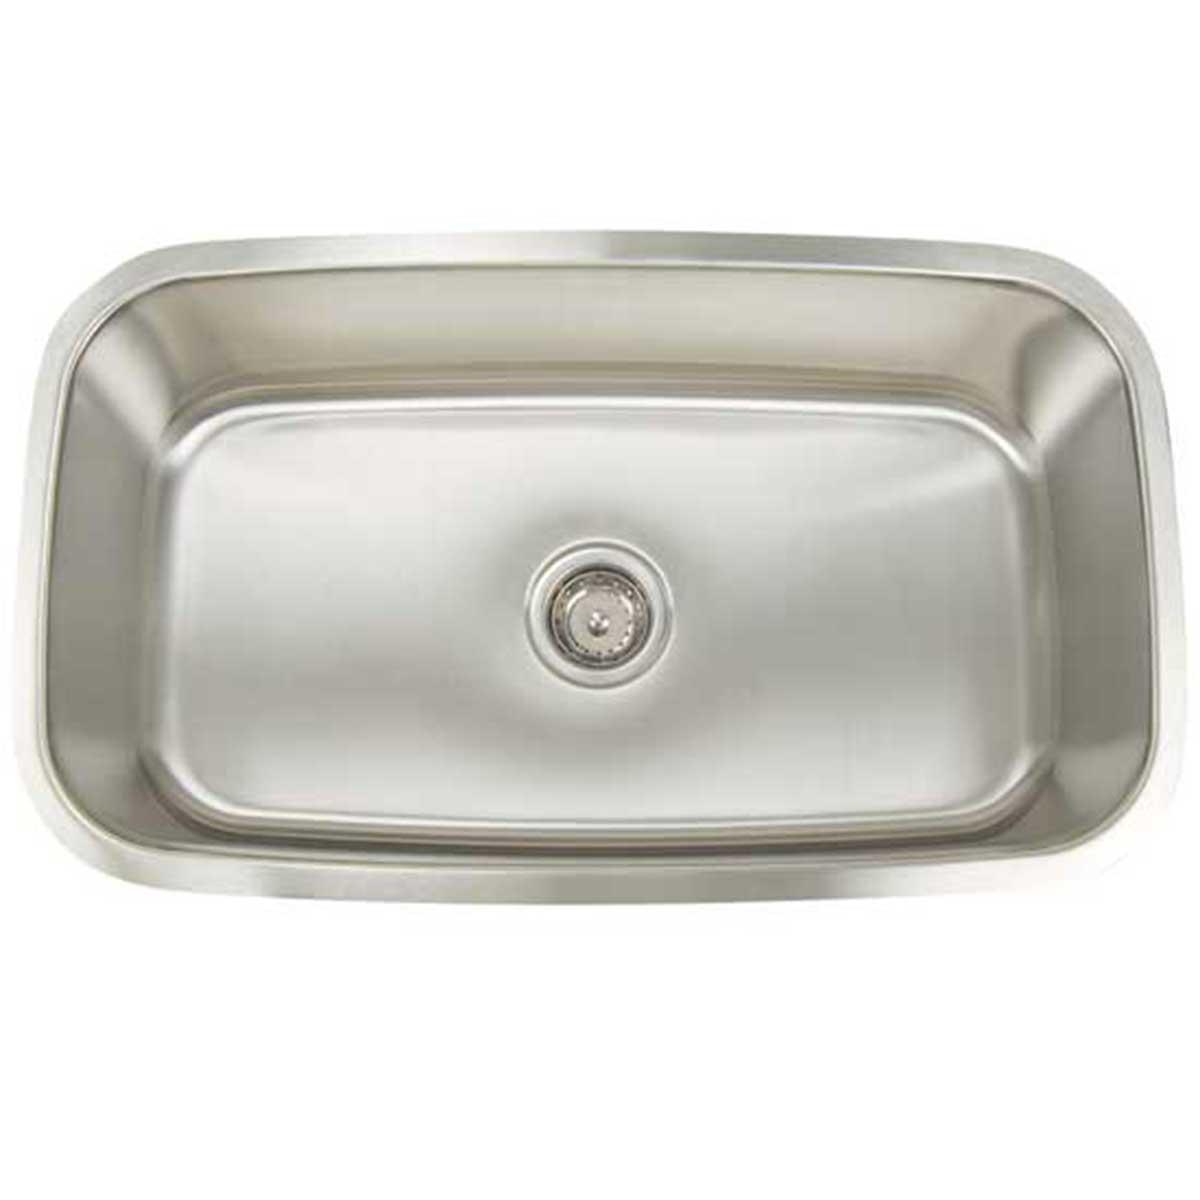 artisan sinks premium sink ar3118d9     artisan kitchen sinks 16 gauge  contractors direct   rh   contractorsdirect com